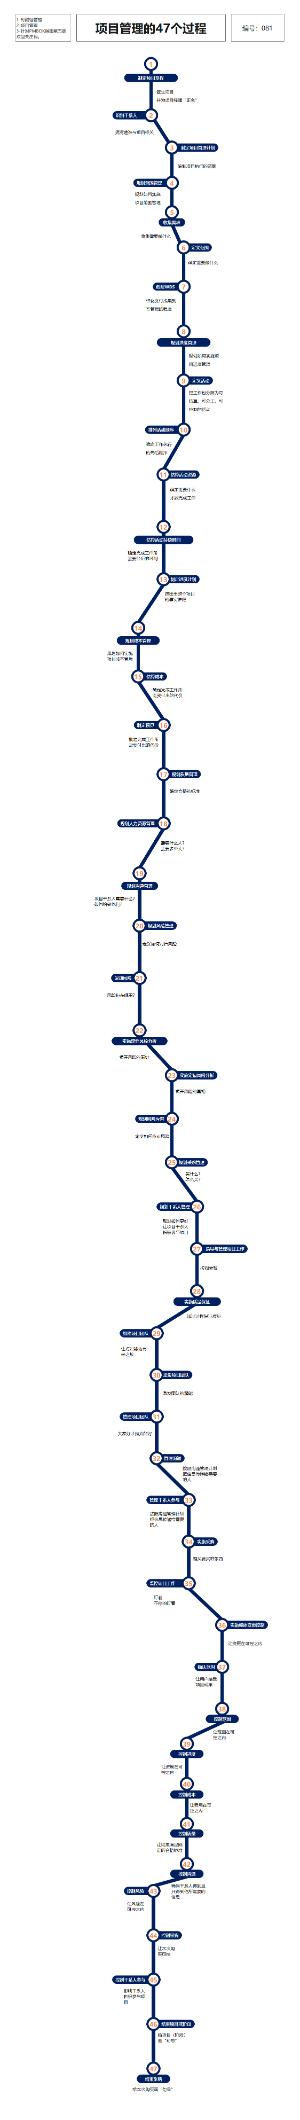 081 项目管理47过程(时间线)